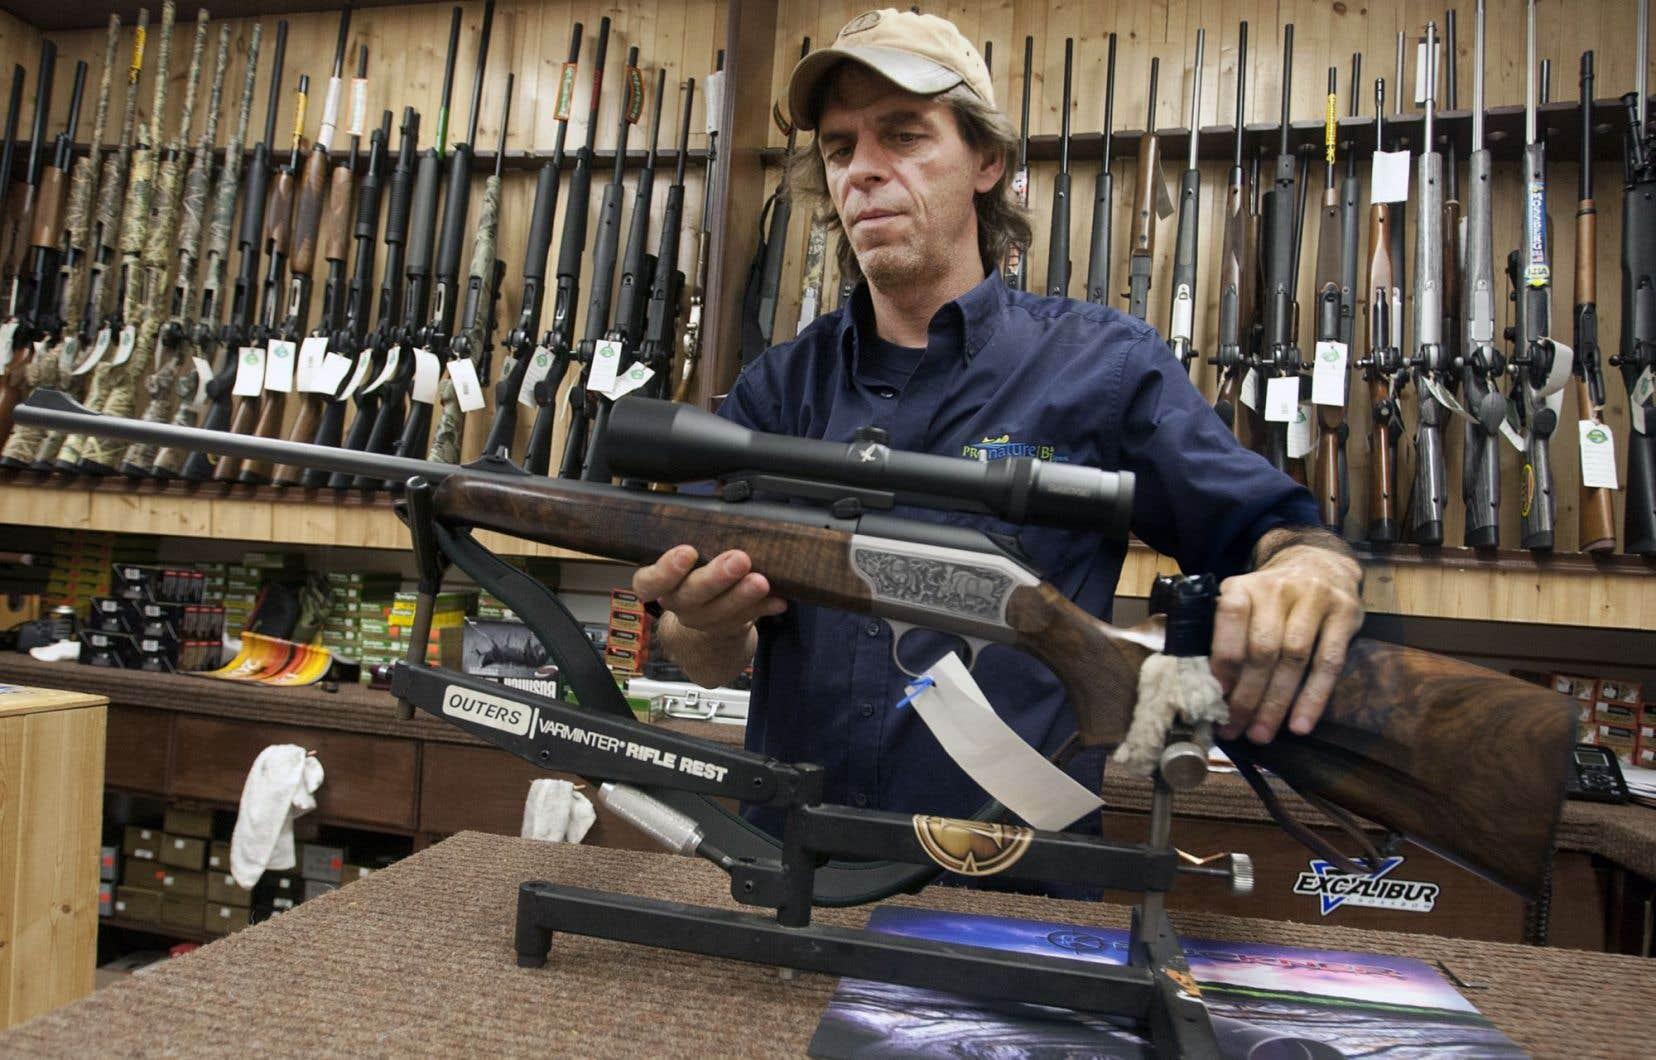 Le projet de loi C-42 rend obligatoire le cours canadien de sécurité dans le maniement des armes à feu pour toute personne désireuse d'acquérir une arme pour la première fois.